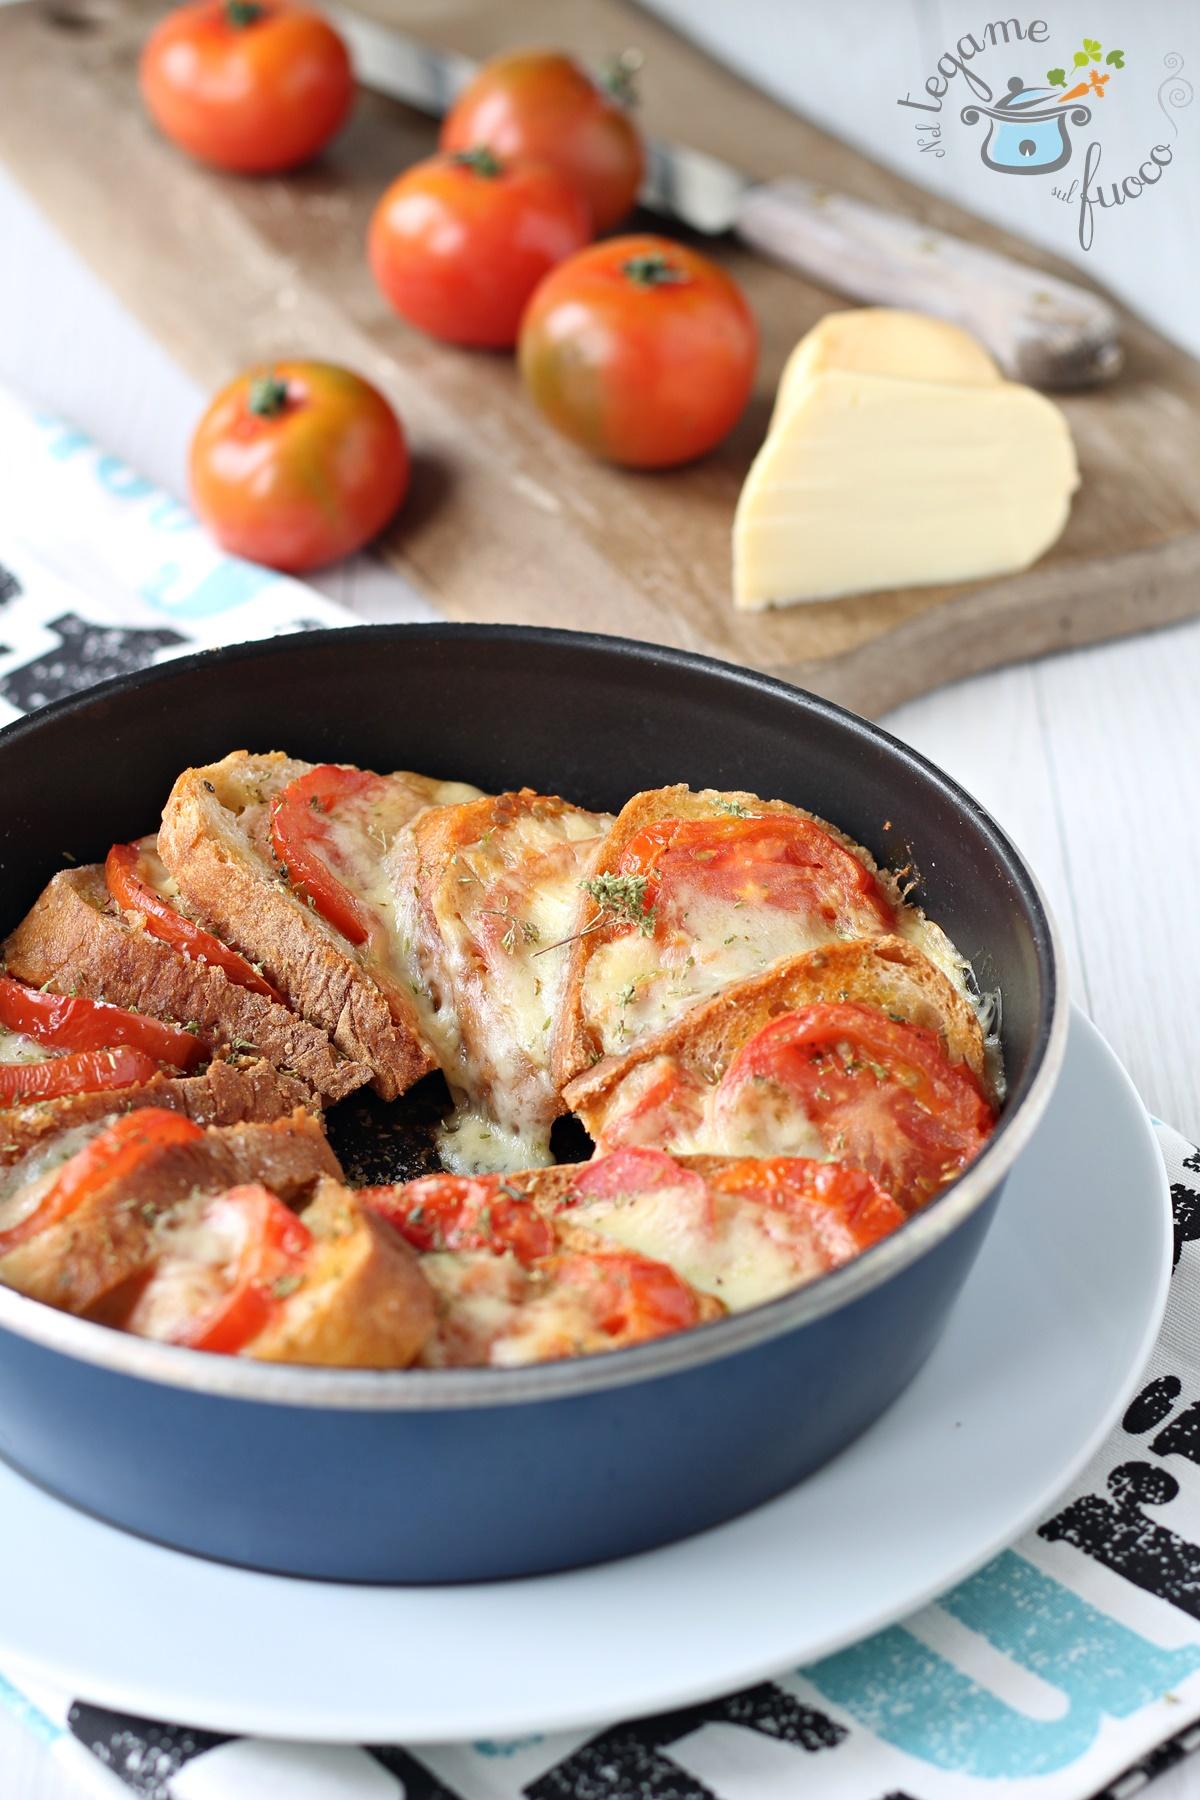 torta di pane con pomodoro e mozzarella cotta in microonde